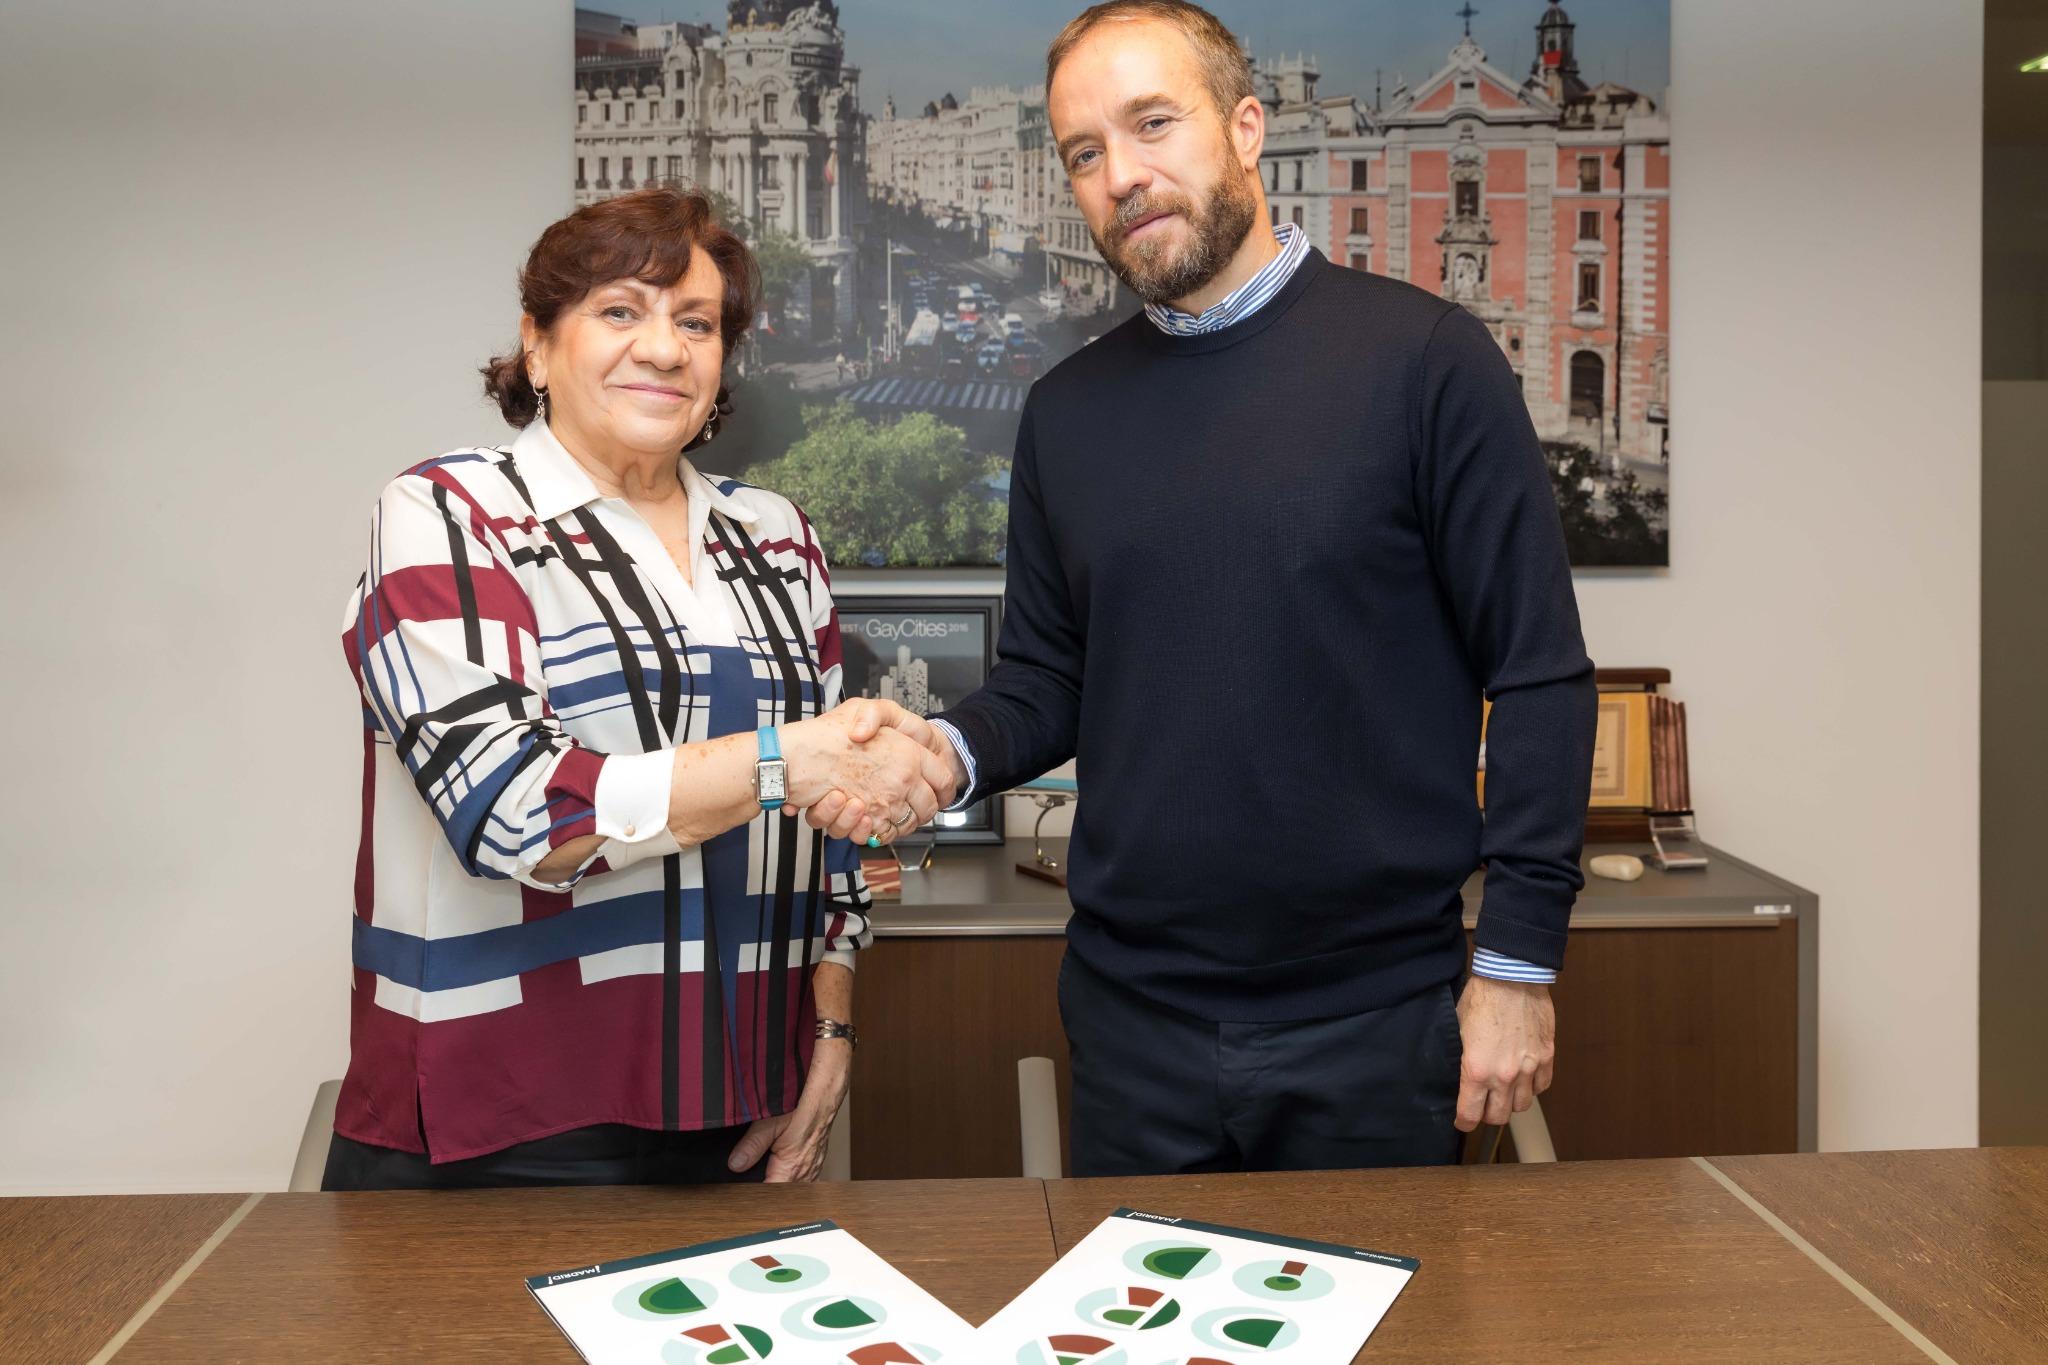 El director de Turismo del Ayuntamiento de Madrid, Miguel Sanz, y la presidenta de la Asociación Profesional de Guías de Turismo (APIT), María Rosa de Juan, tras la firma del acuerdo